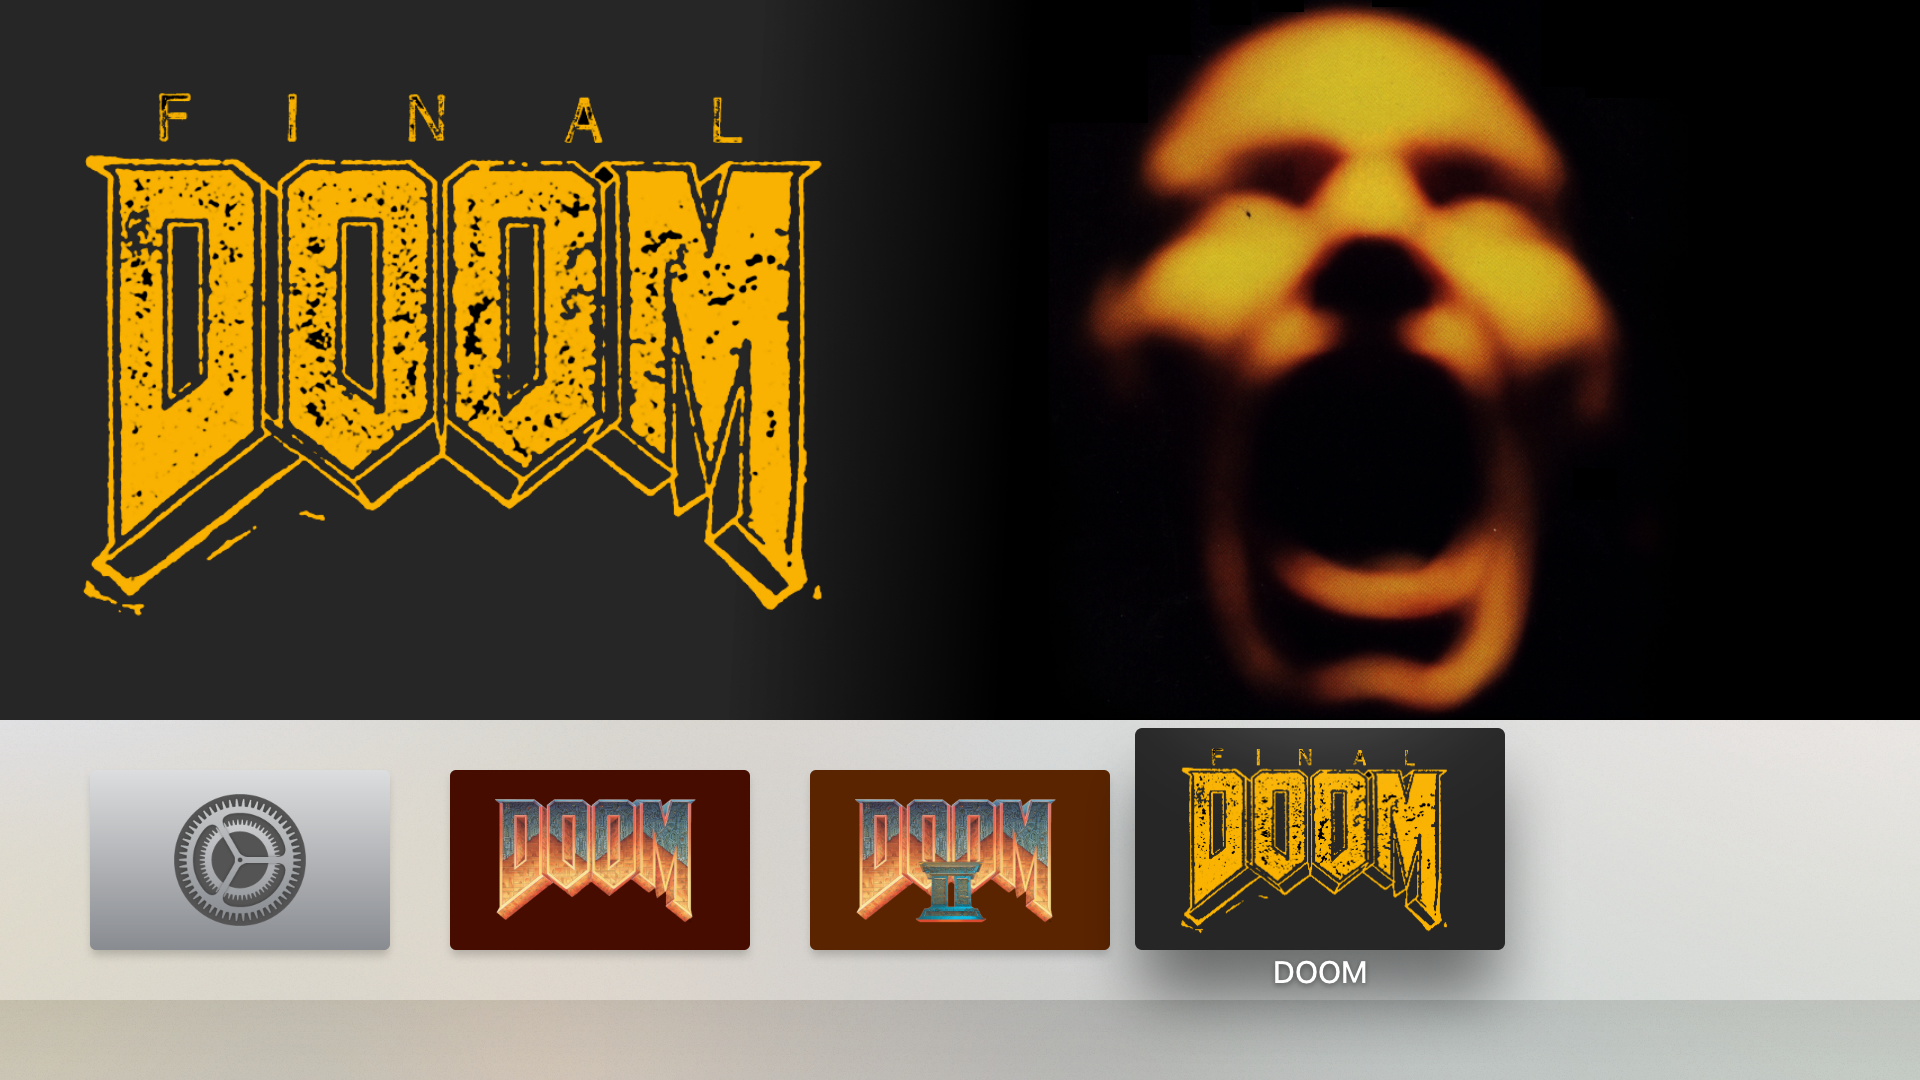 DOOM II and Final DOOM for iOS and tvOS – schnapple com